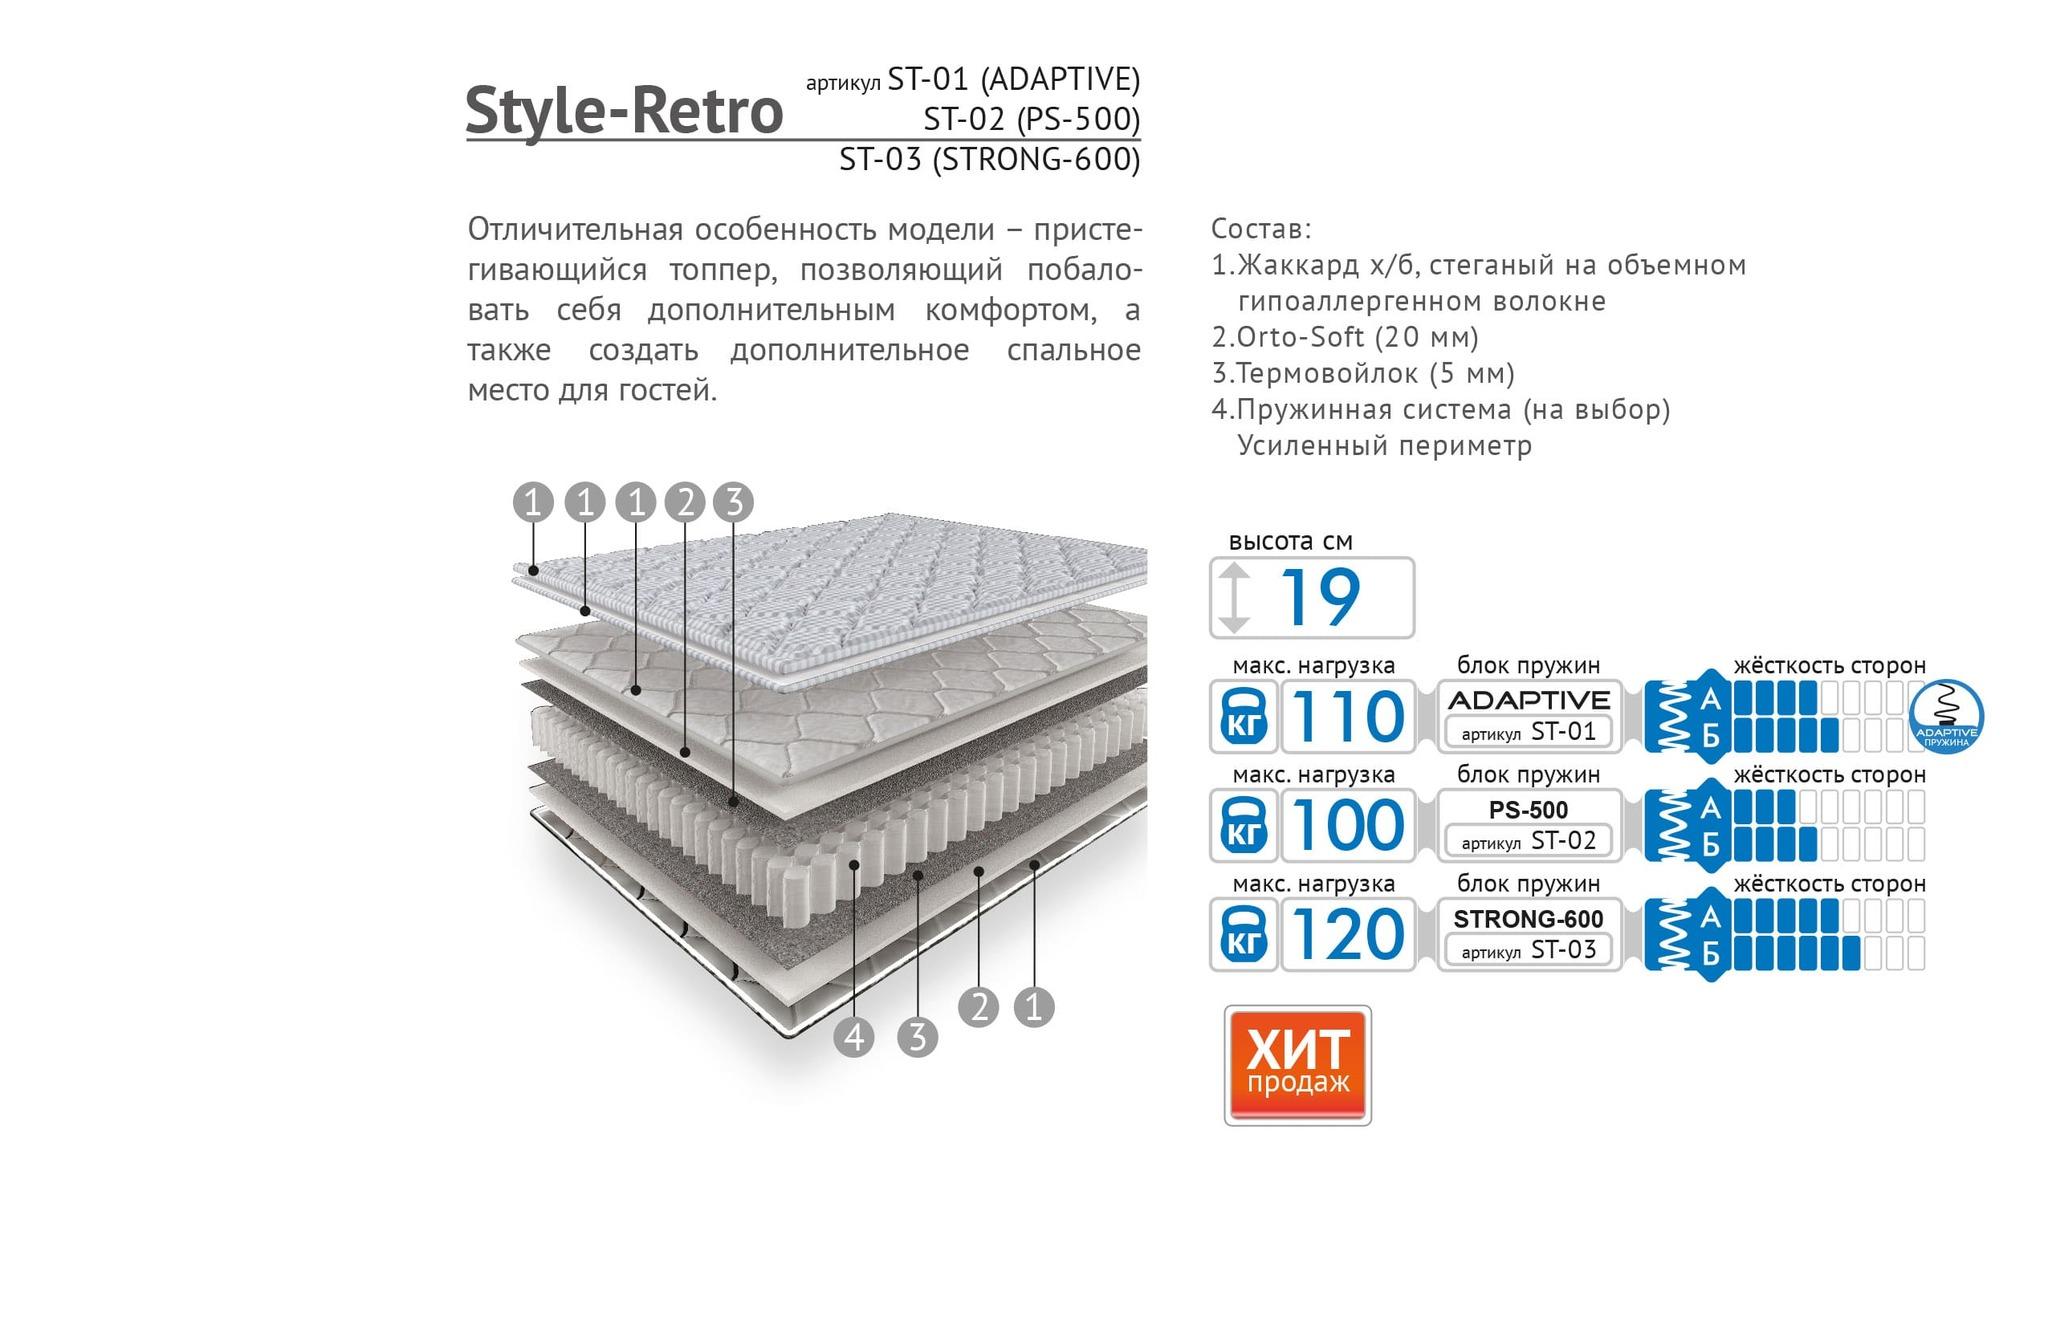 Матрас Style-Retro